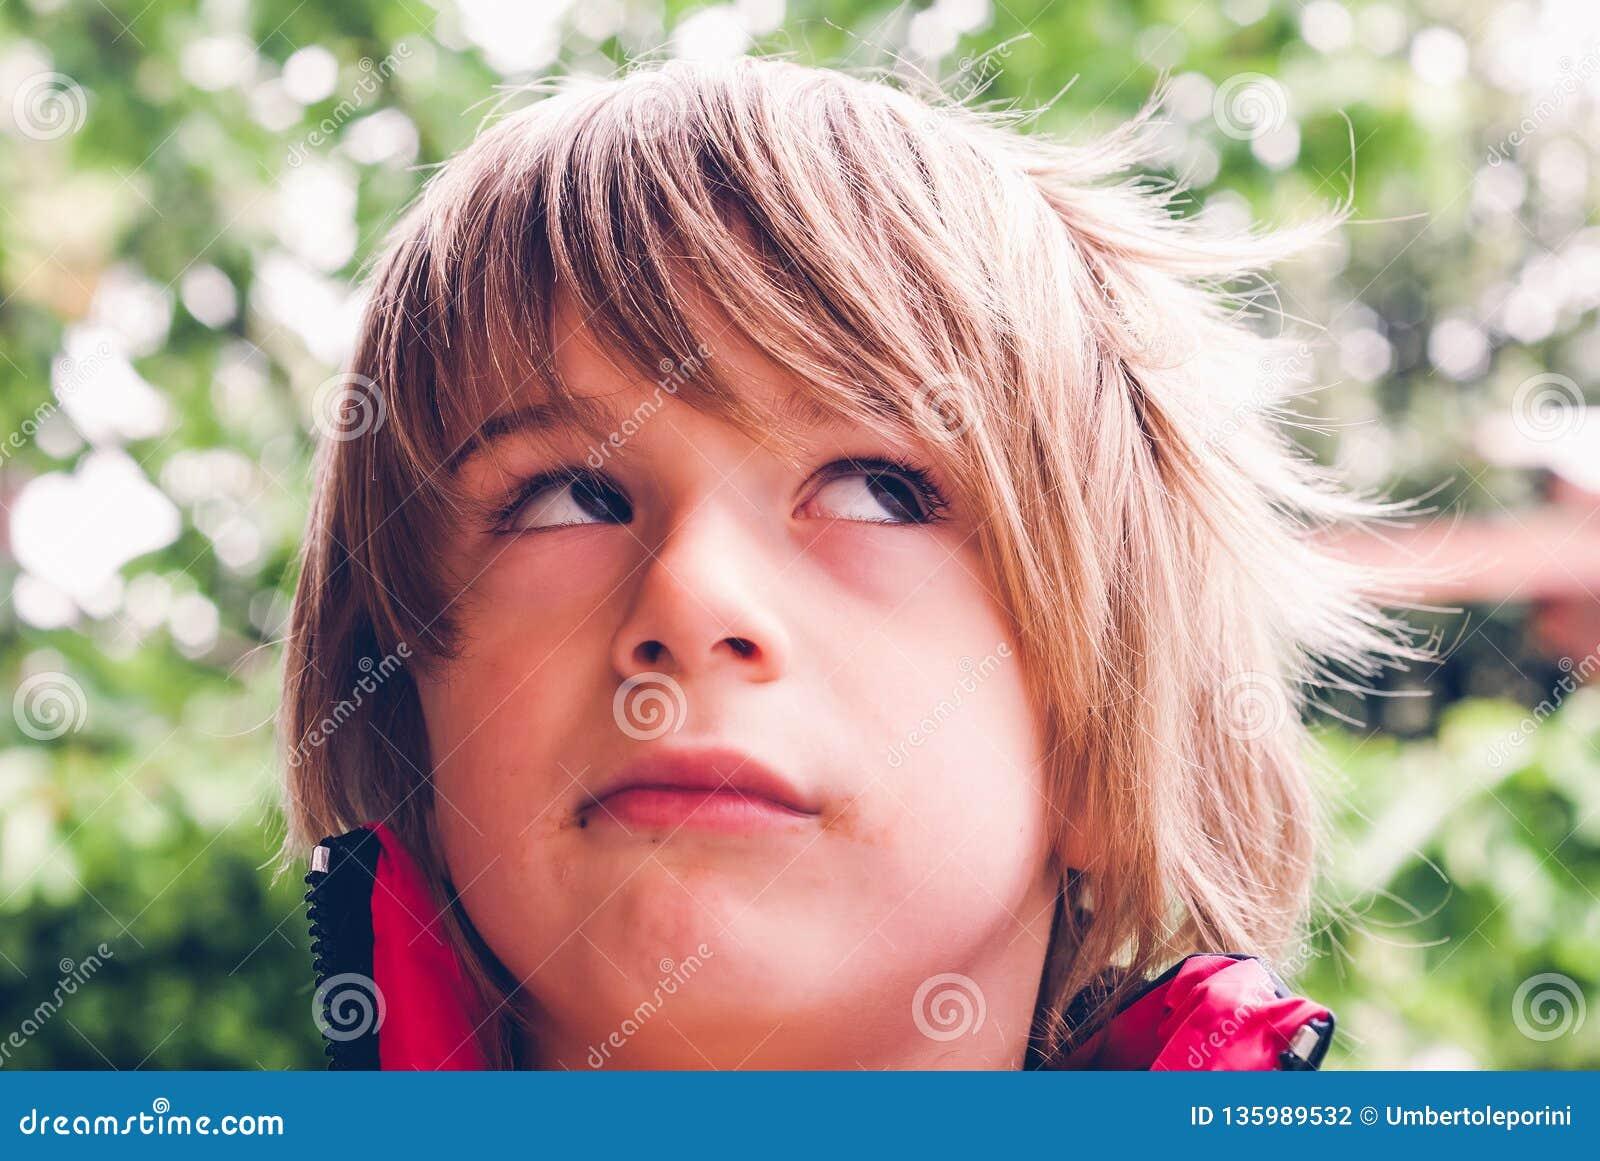 Немногое aexpression стороны ребенка ребенка соединения сердитого на открытом воздухе сензорные